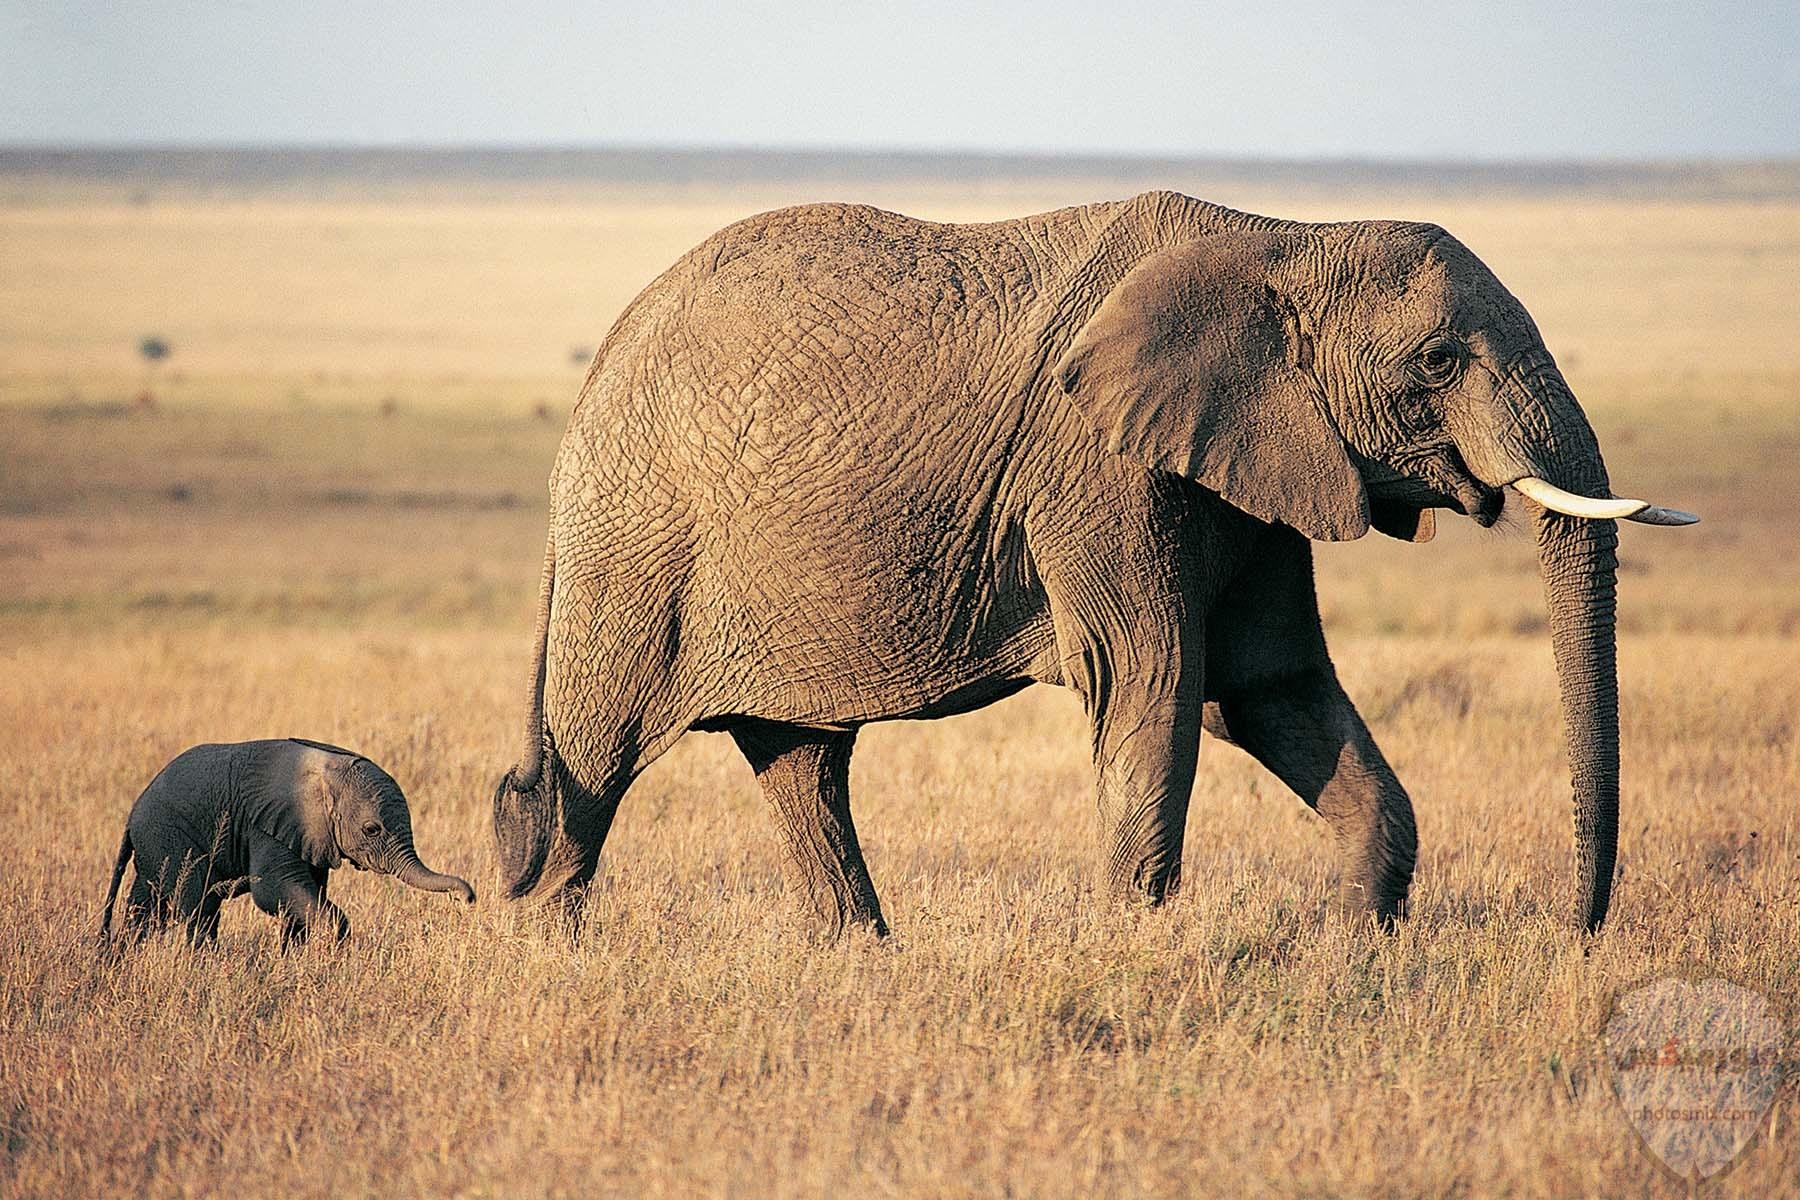 صور افيال أجمل صور فيل 2020 2